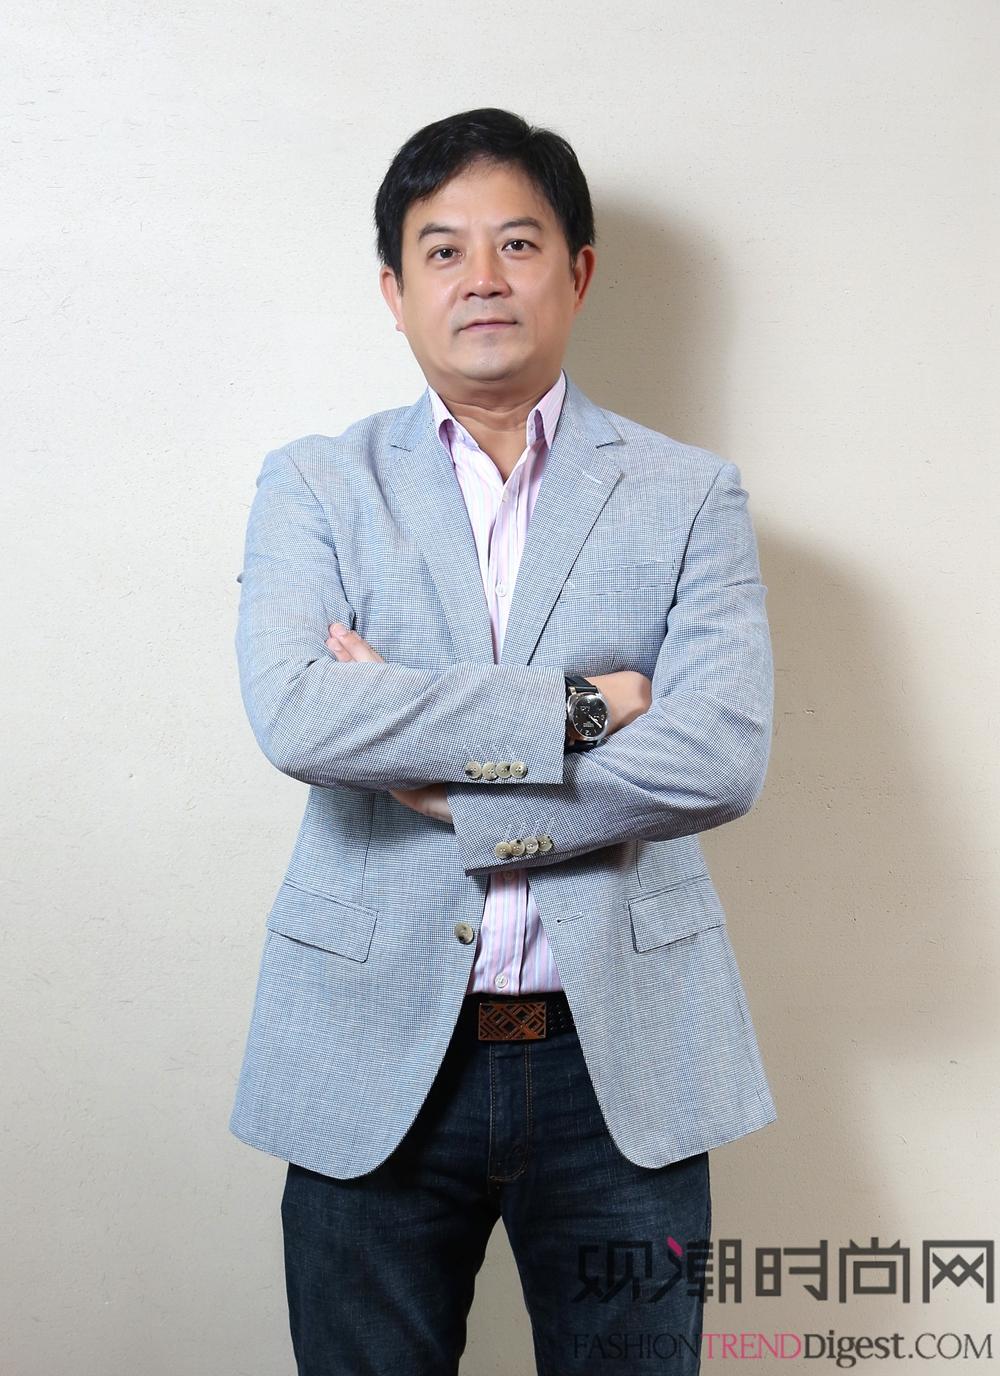 桑菲消费通信董事总经理侯凯文专访